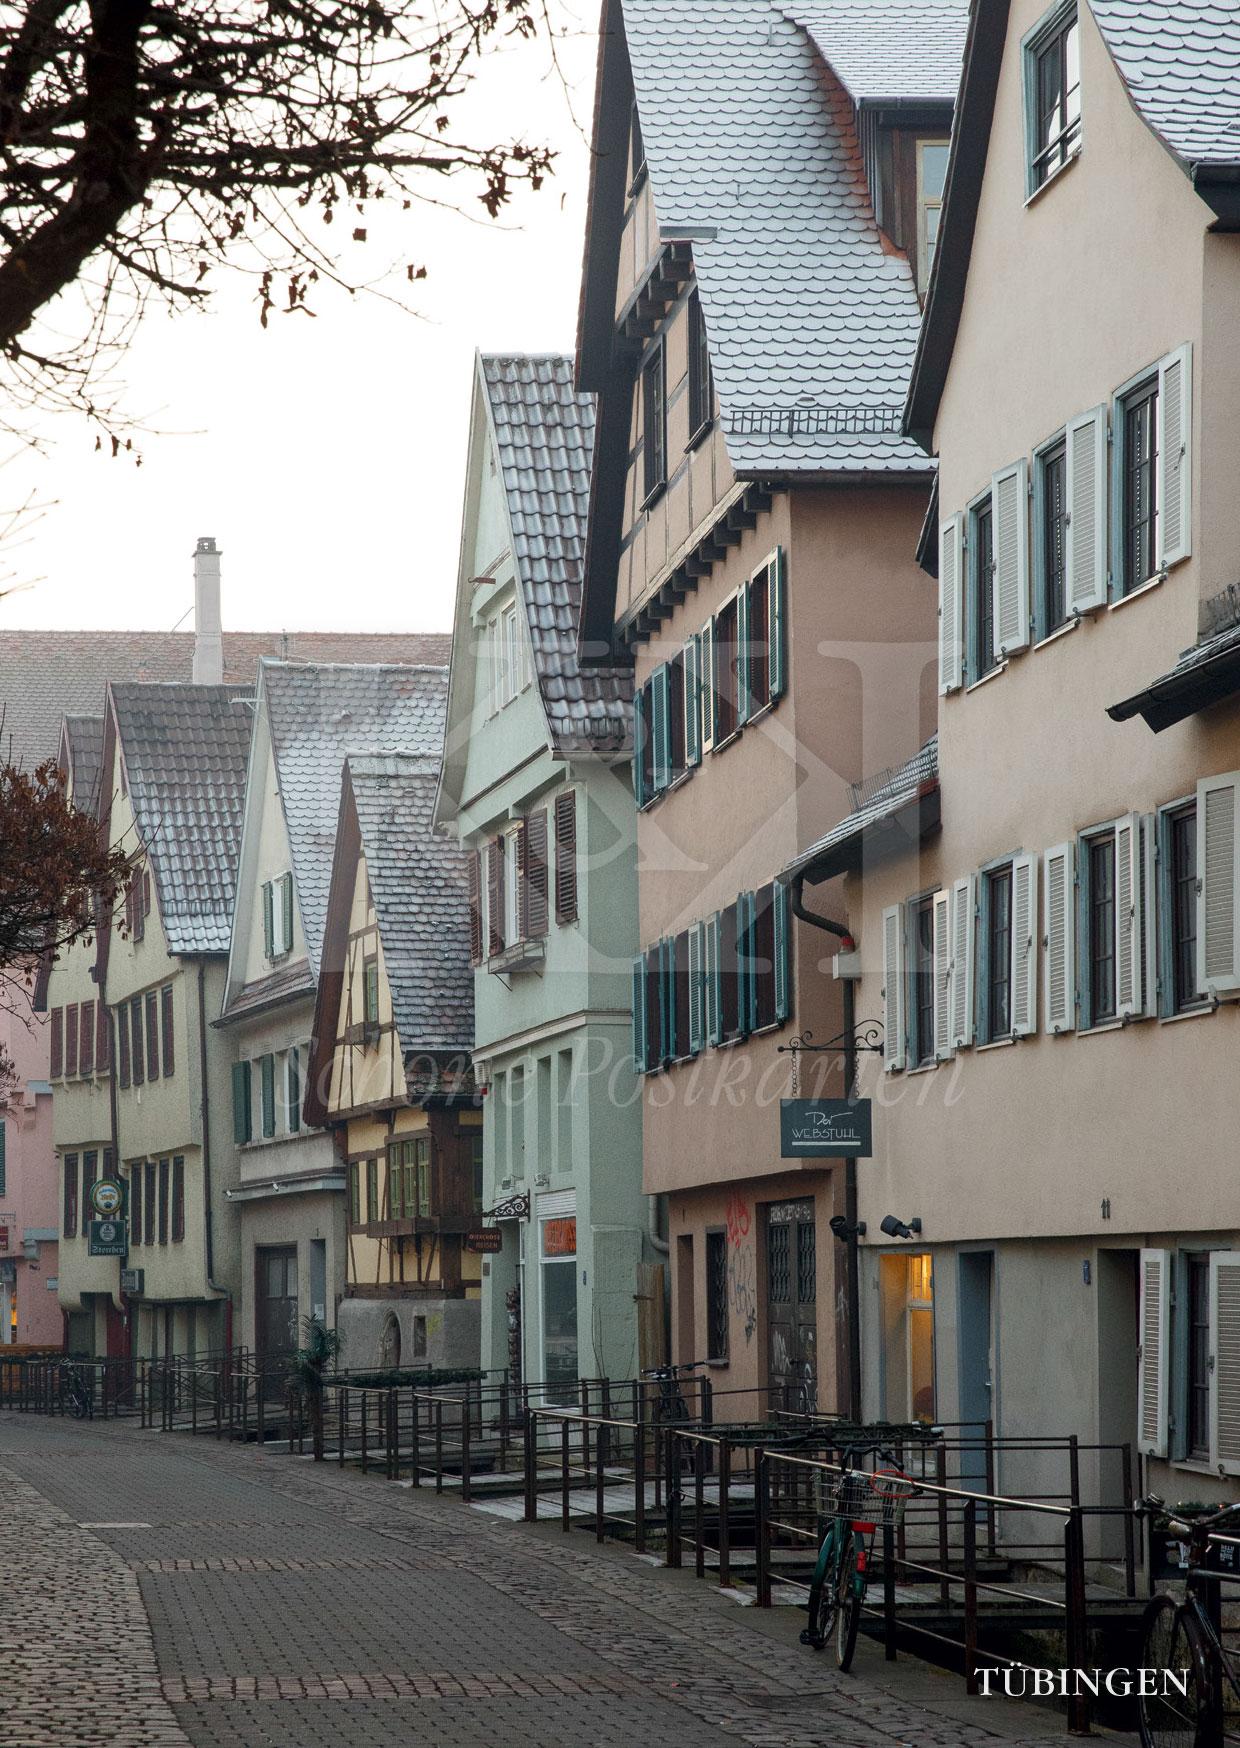 Schöne Postkarte Nr. 211 · Tübingen, Ammergasse © 2017